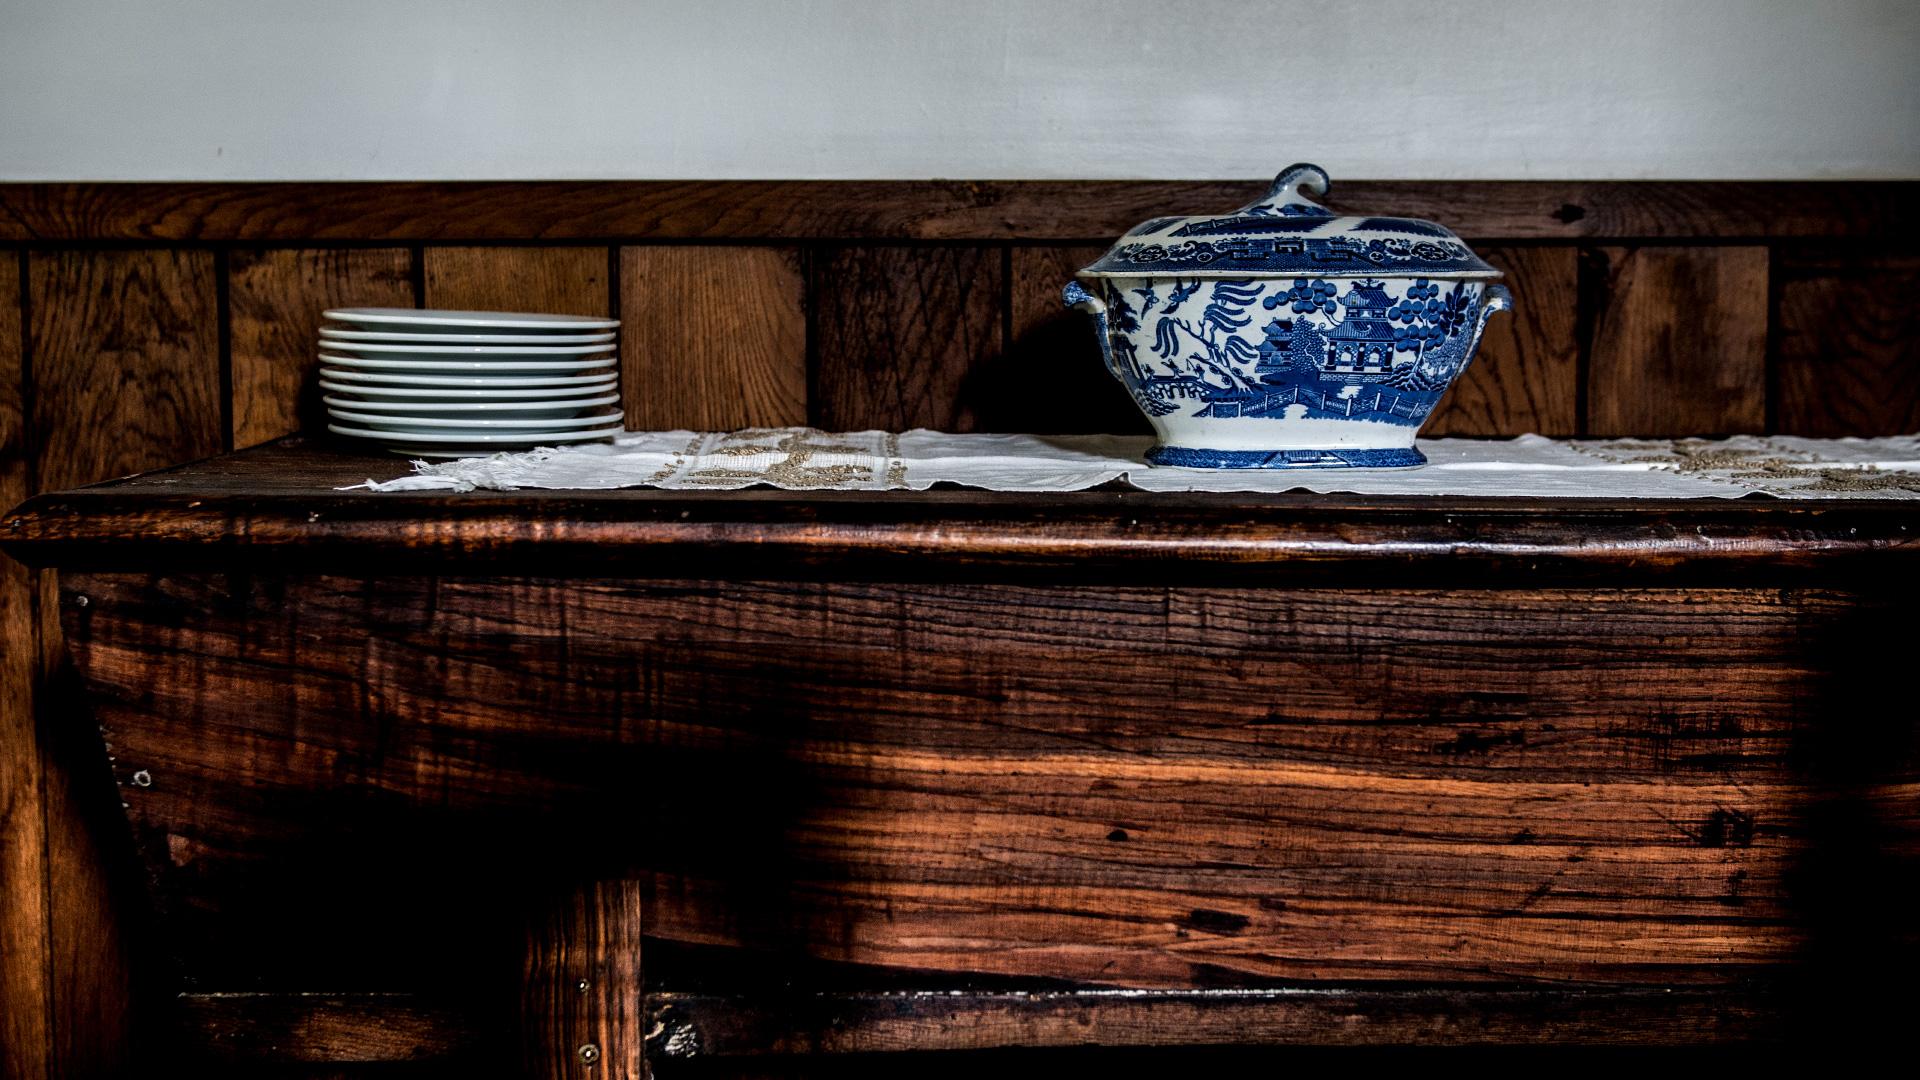 Amassadeira em madeira, sobre a qual está um naperon de linho, e a meio uma terrina em louça branca e azul.